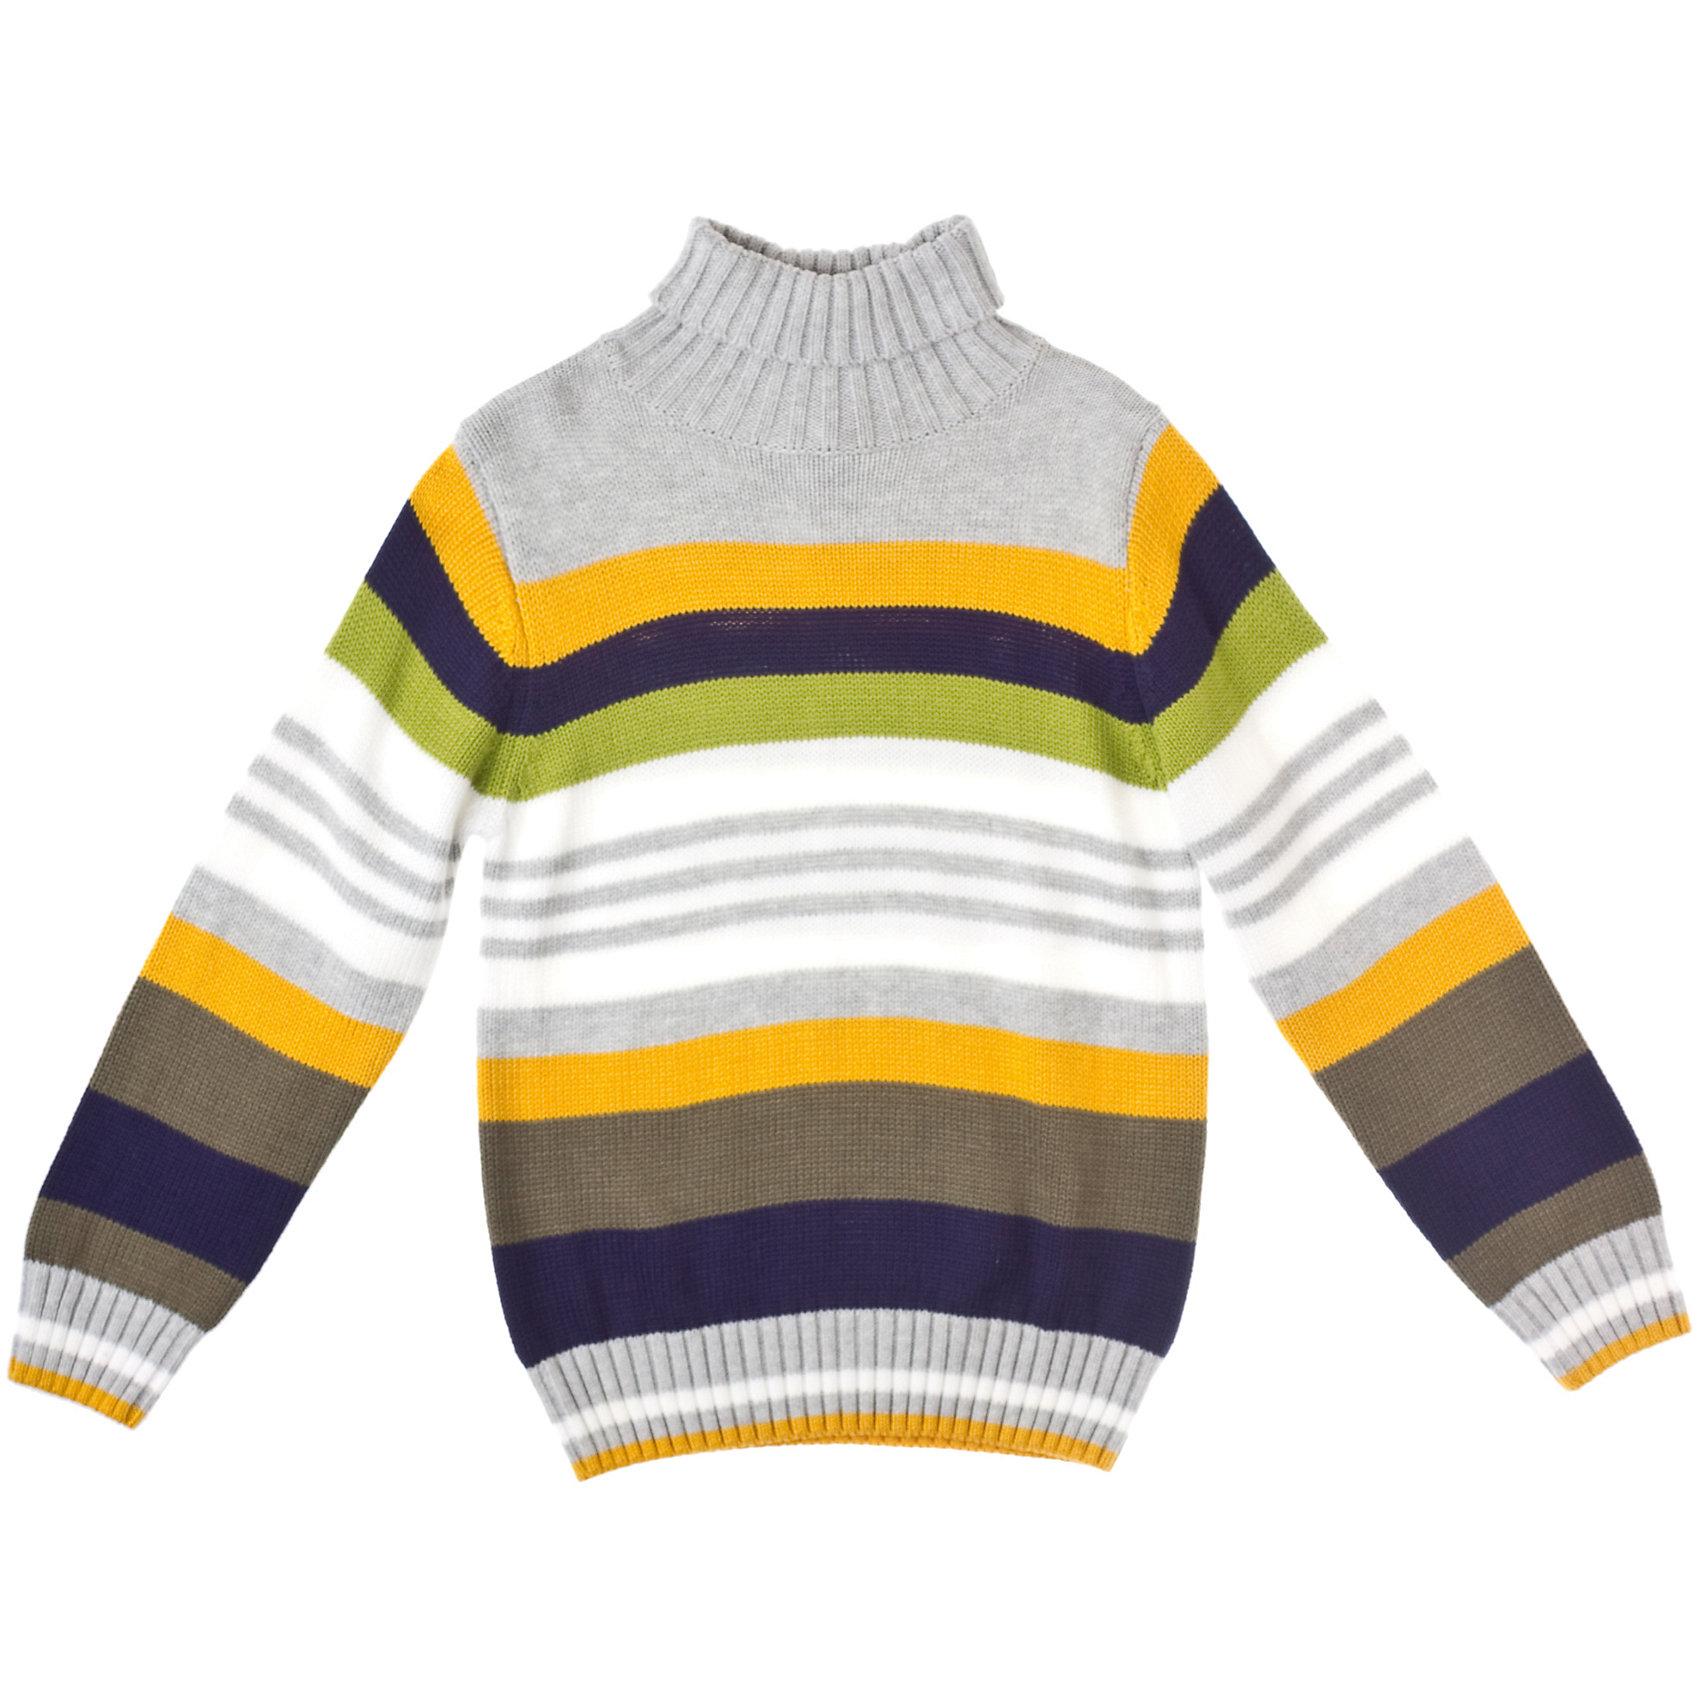 Свитер для мальчика PlayTodayСвитер для мальчика PlayToday Теплый вязаный свитер в цветную полоску. Подойдет на холодную погоду. <br>Высокий отложной воротник. Состав: 60% хлопок, 40% акрил<br><br>Ширина мм: 190<br>Глубина мм: 74<br>Высота мм: 229<br>Вес г: 236<br>Цвет: серый<br>Возраст от месяцев: 24<br>Возраст до месяцев: 36<br>Пол: Мужской<br>Возраст: Детский<br>Размер: 110,98,104,116,128,122<br>SKU: 4227657